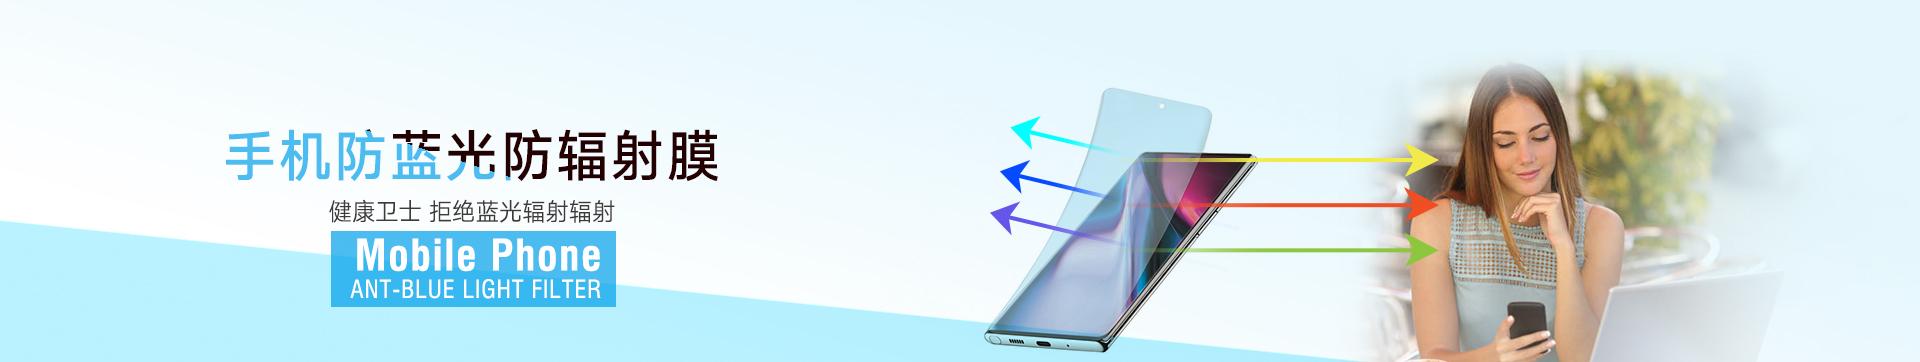 手机防蓝光辐射膜